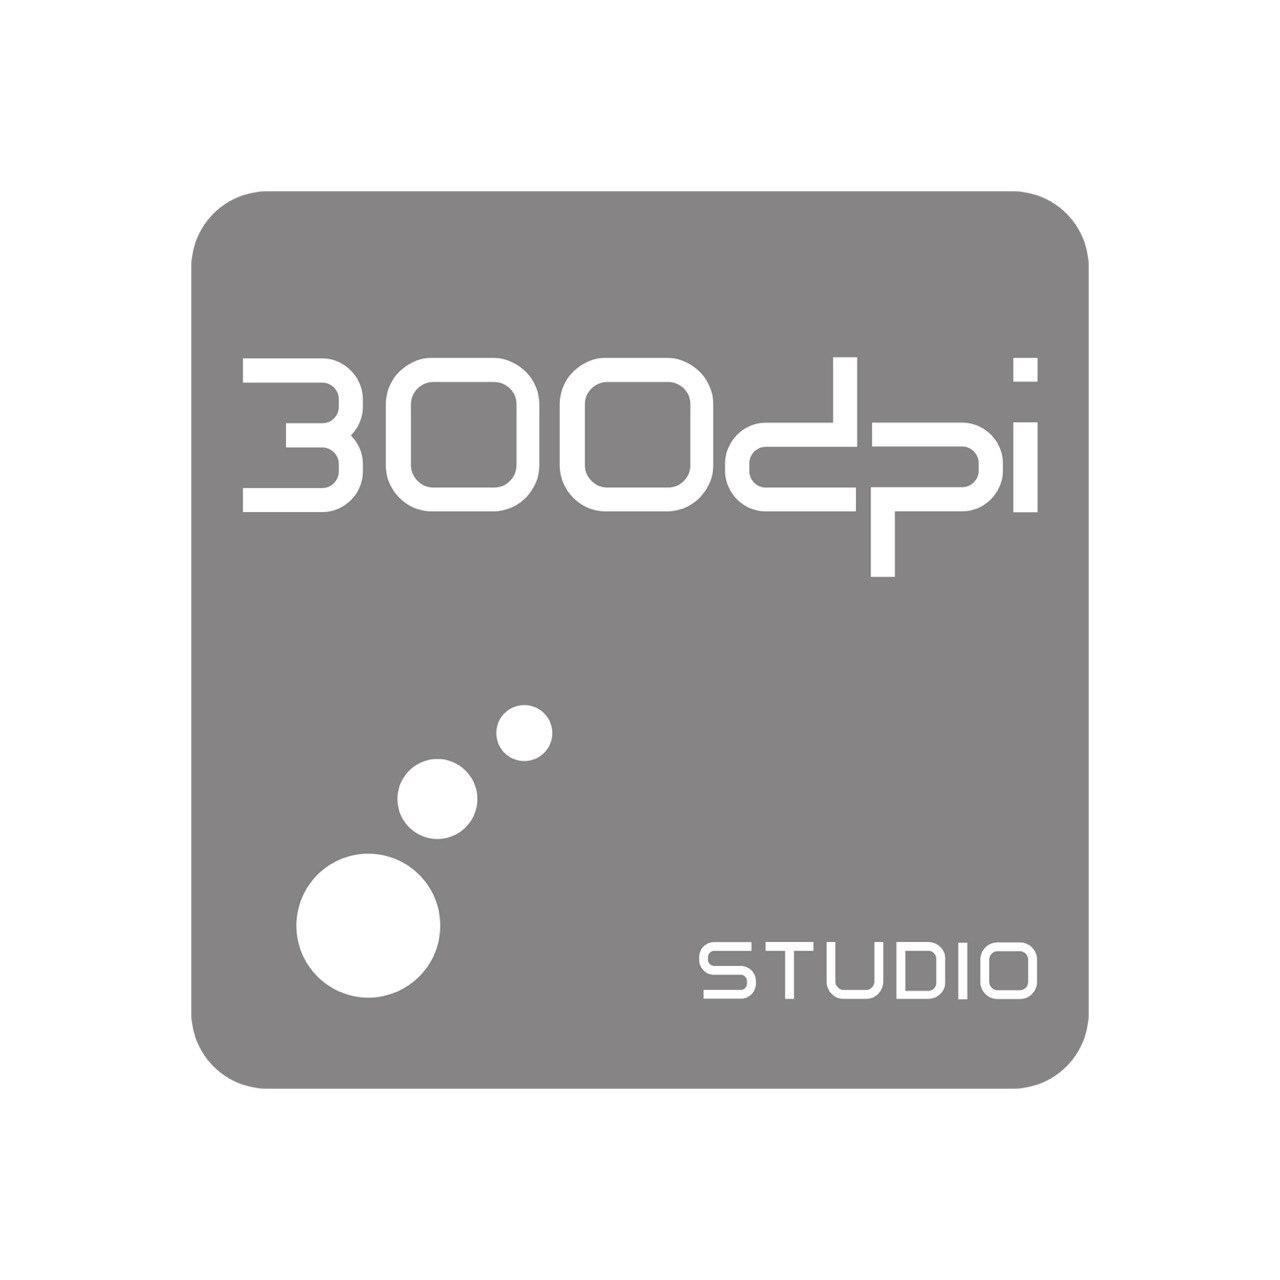 300dpi STUDIO